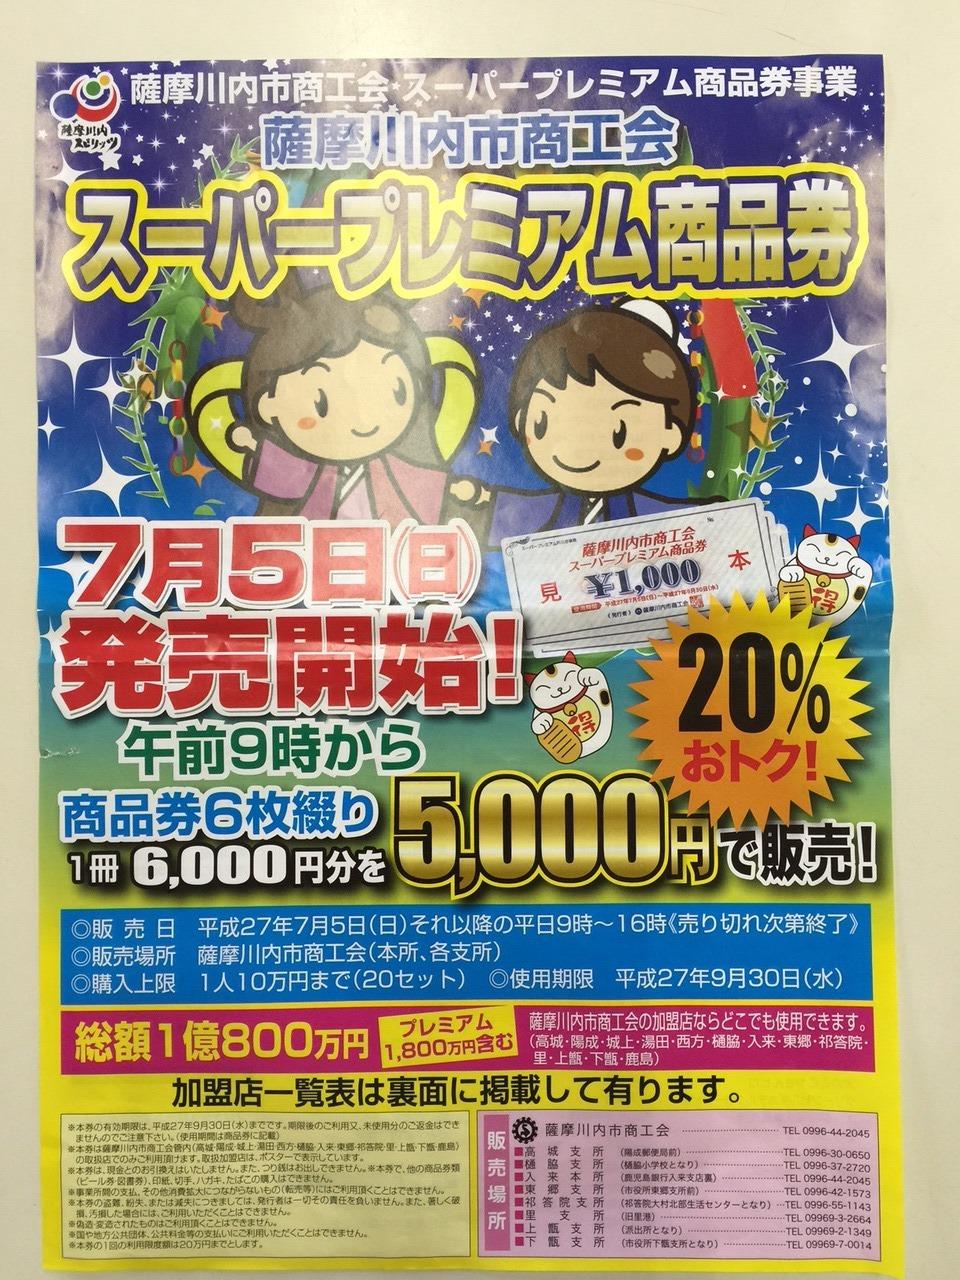 【薩摩川内市商工会☆スーパープレミアム商品券】池畑モータースは加盟店です!ぜひご利用ください。